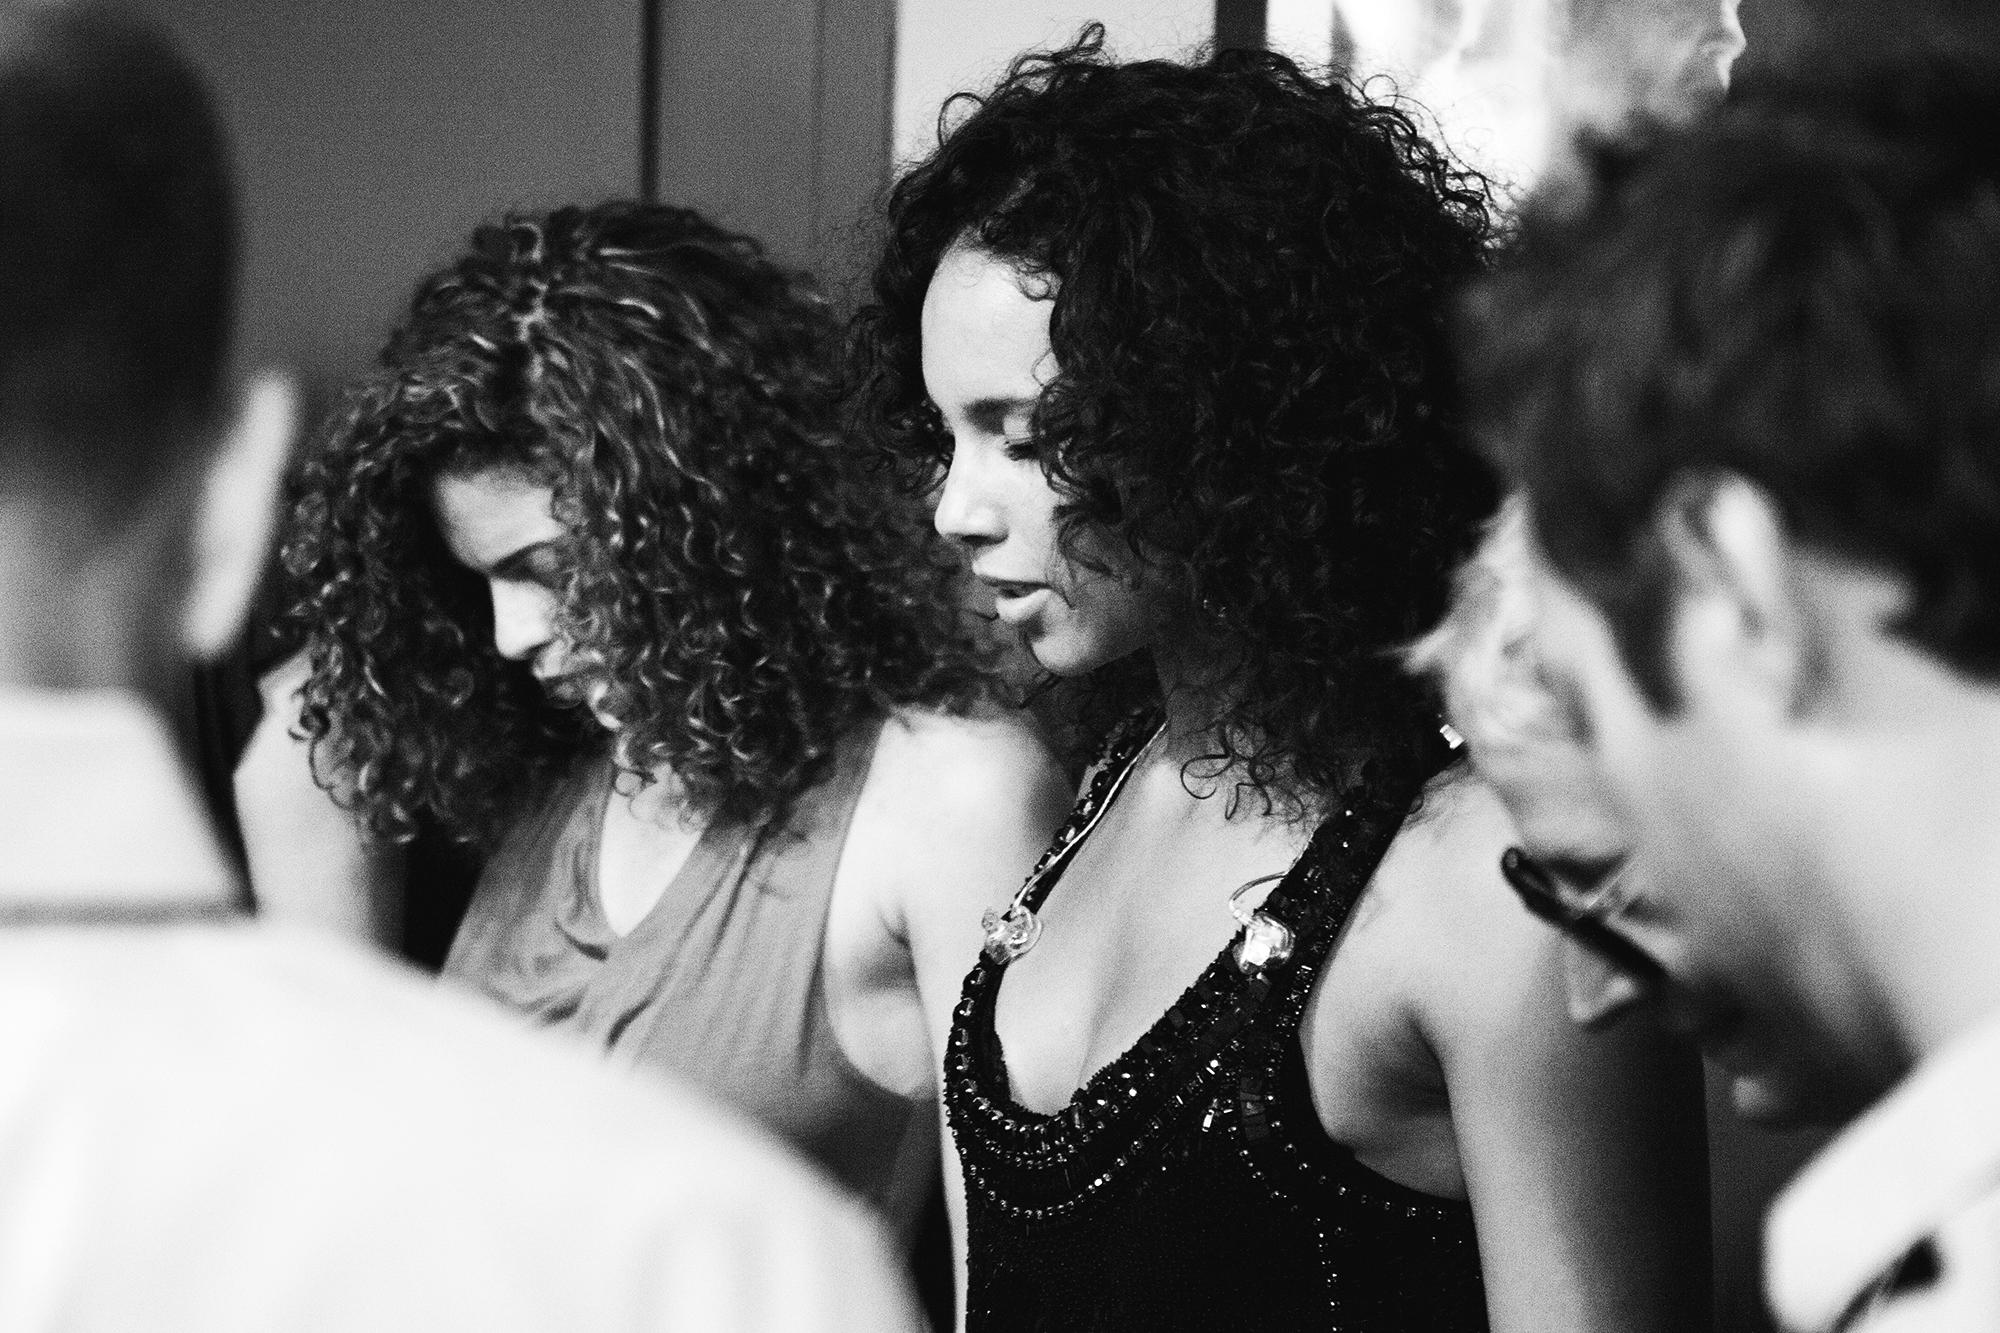 DianaLevine-Alicia-Keys.jpg